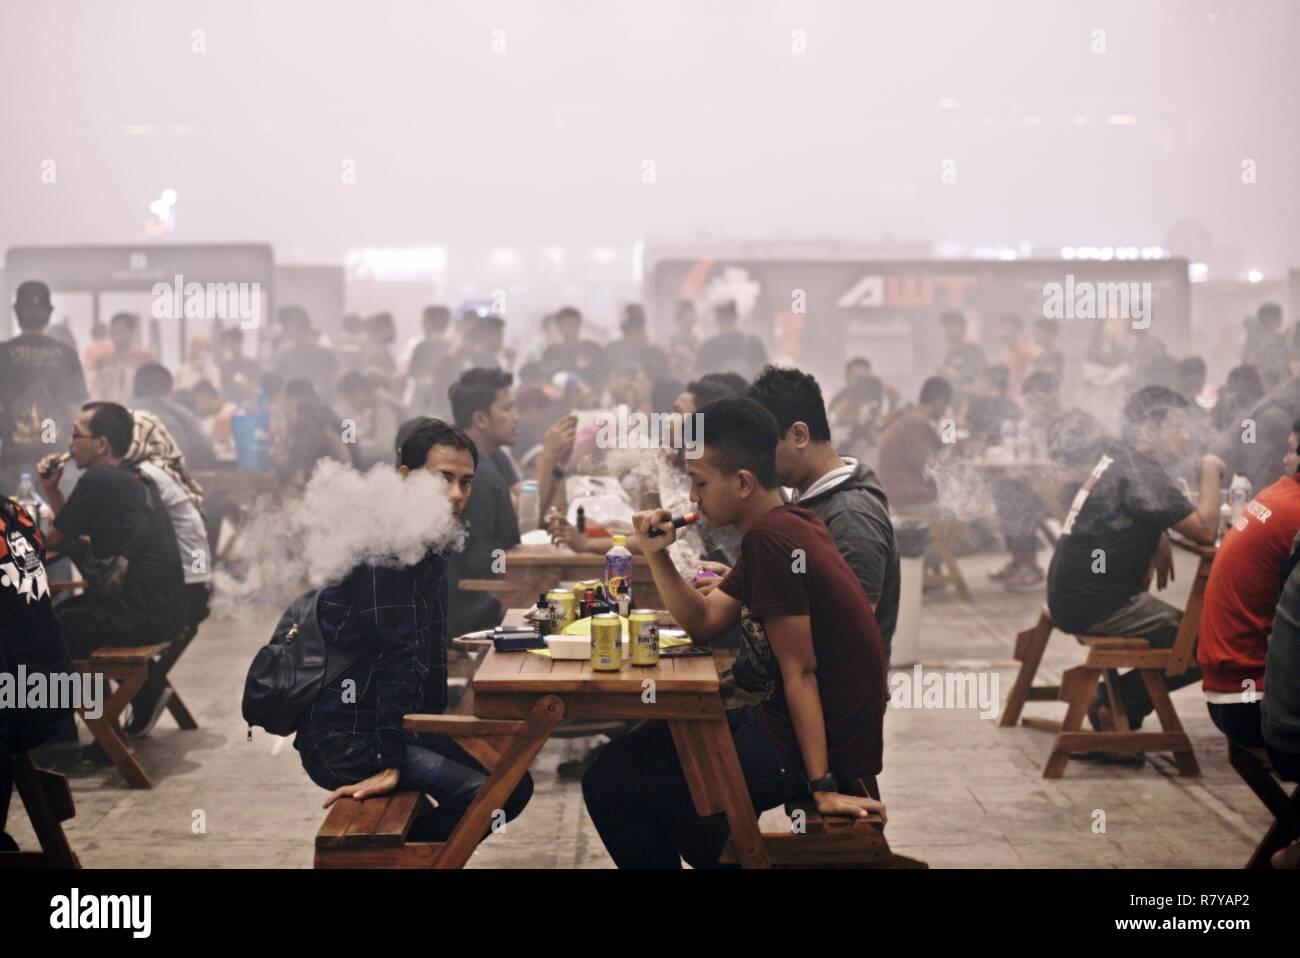 Los visitantes puff sobre sus e-cigarrillos después de las comidas durante el 2018 Vape feria Expo Internacional de Yakarta, Yakarta, Indonesia. © Reynold Sumayku Imagen De Stock